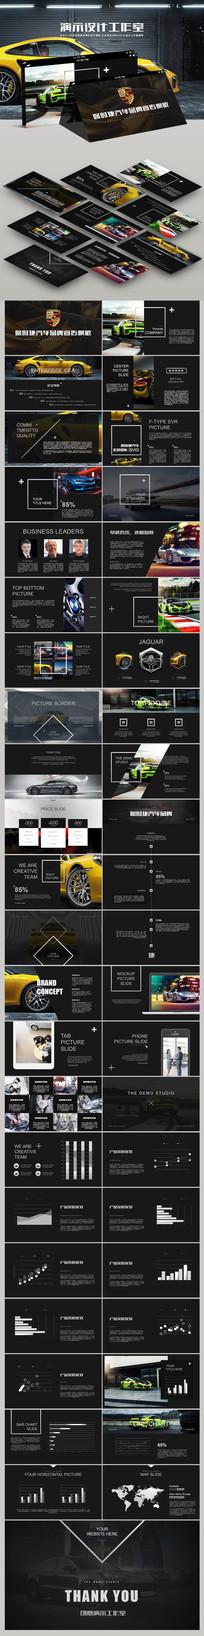 保时捷品牌汽车营销商业计划PPT